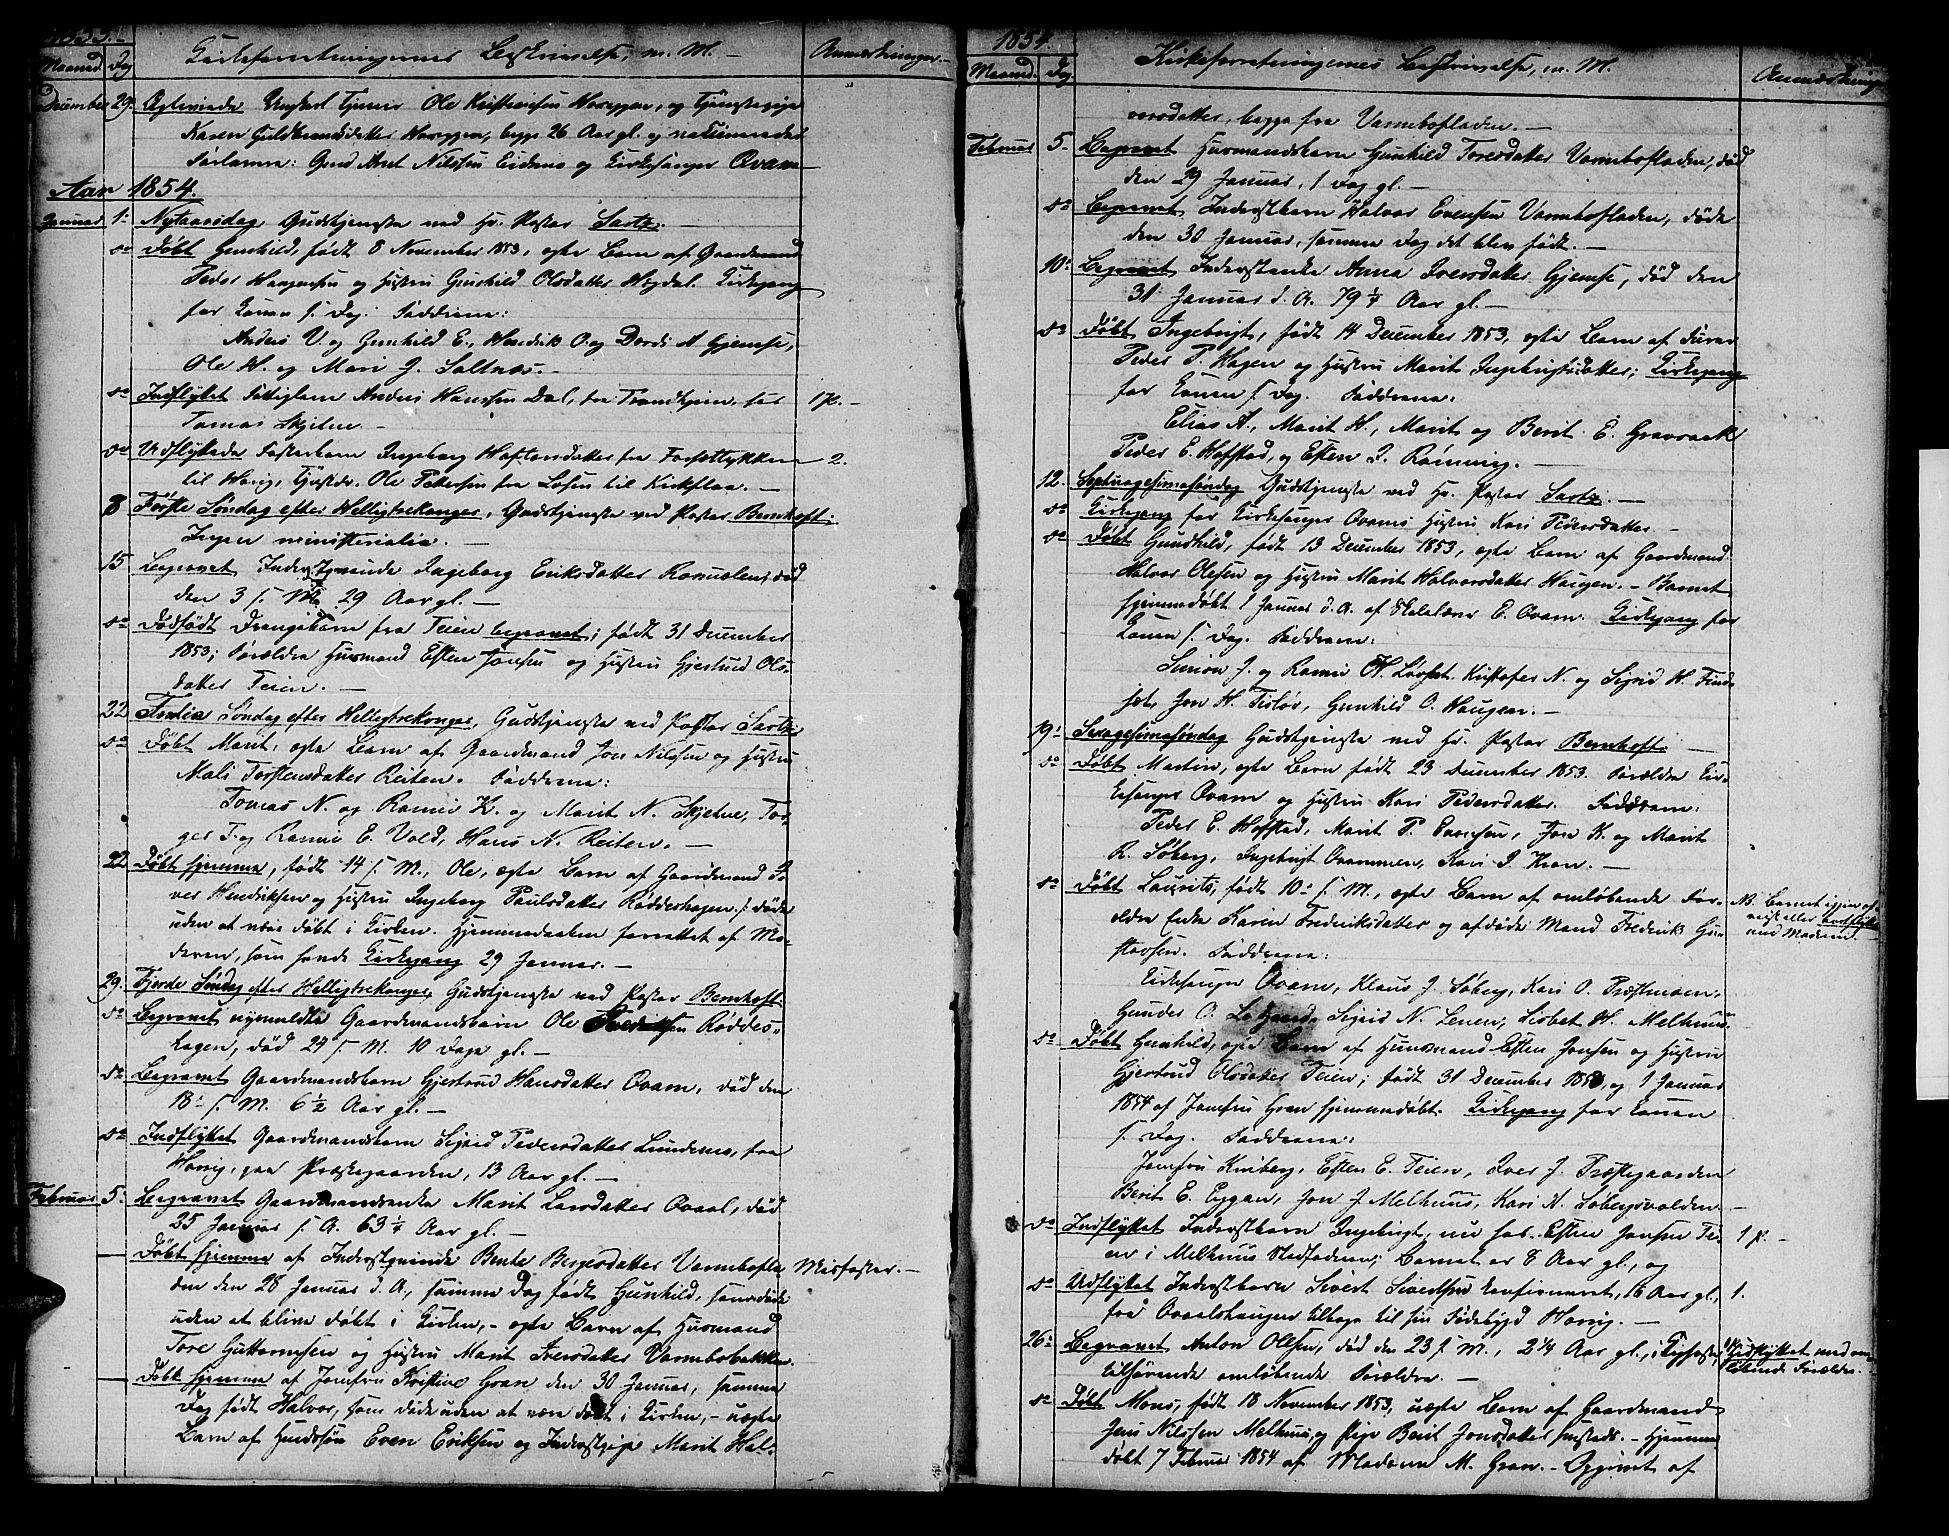 SAT, Ministerialprotokoller, klokkerbøker og fødselsregistre - Sør-Trøndelag, 691/L1093: Klokkerbok nr. 691C04, 1852-1879, s. 10